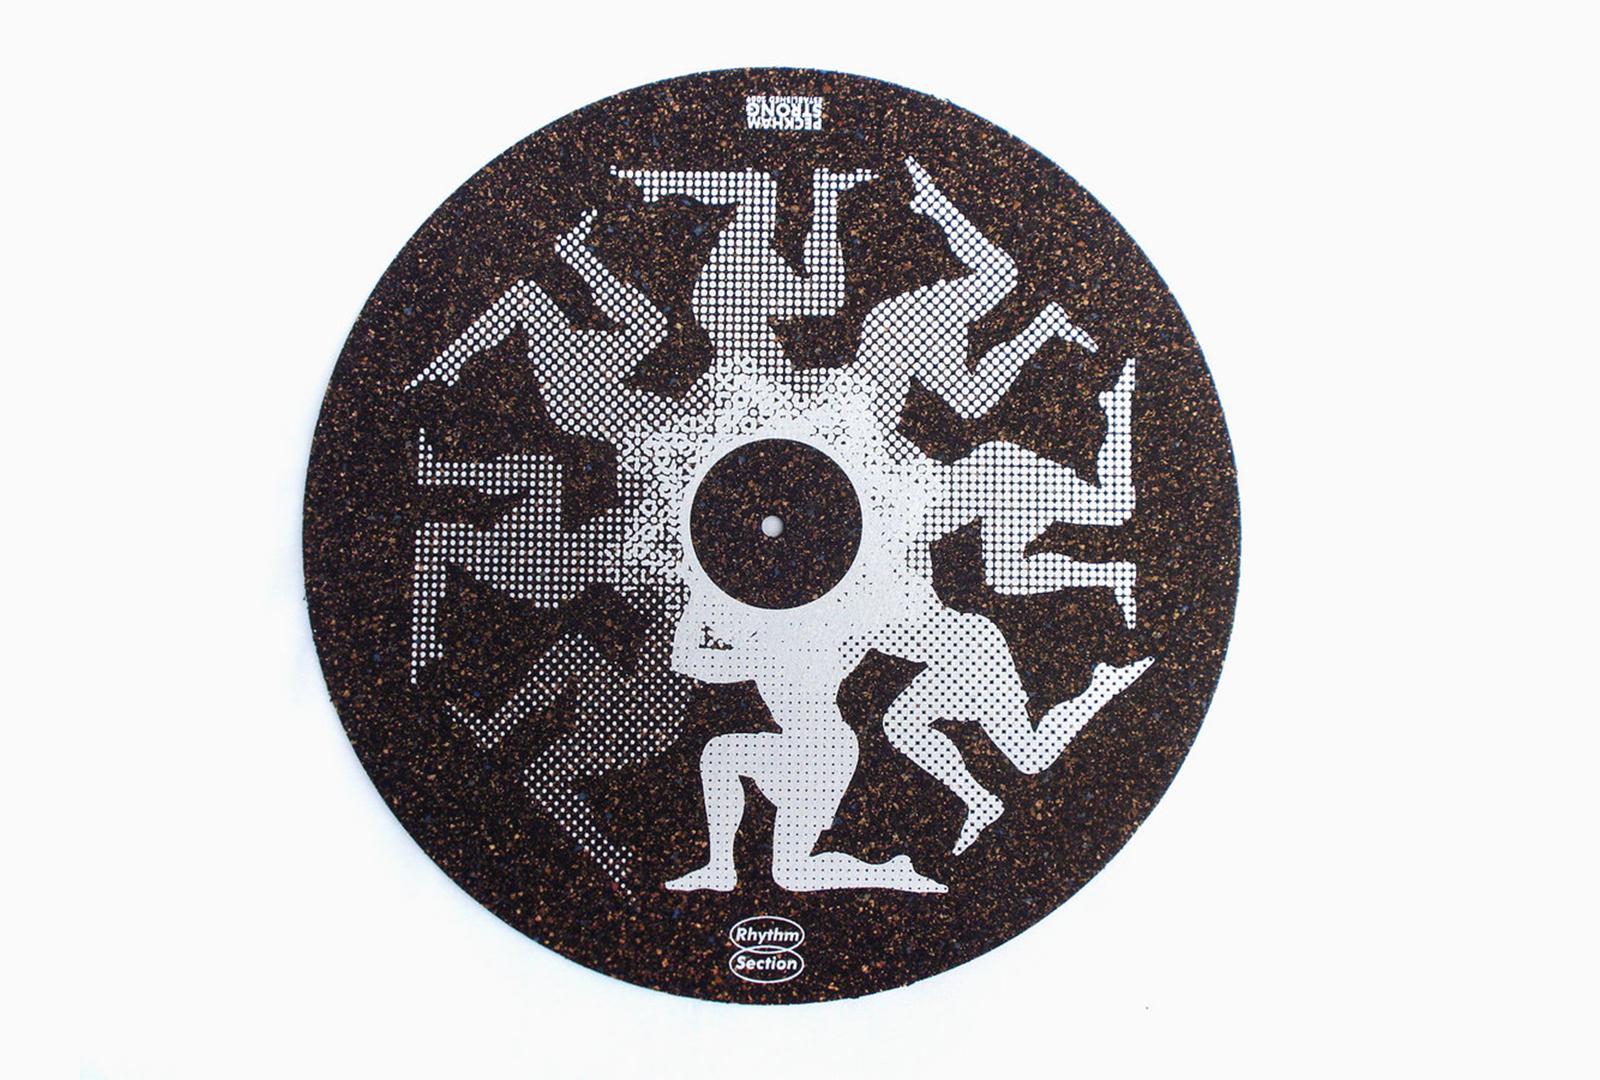 Rhythm Section unveils 'audiophile' sustainable slipmat